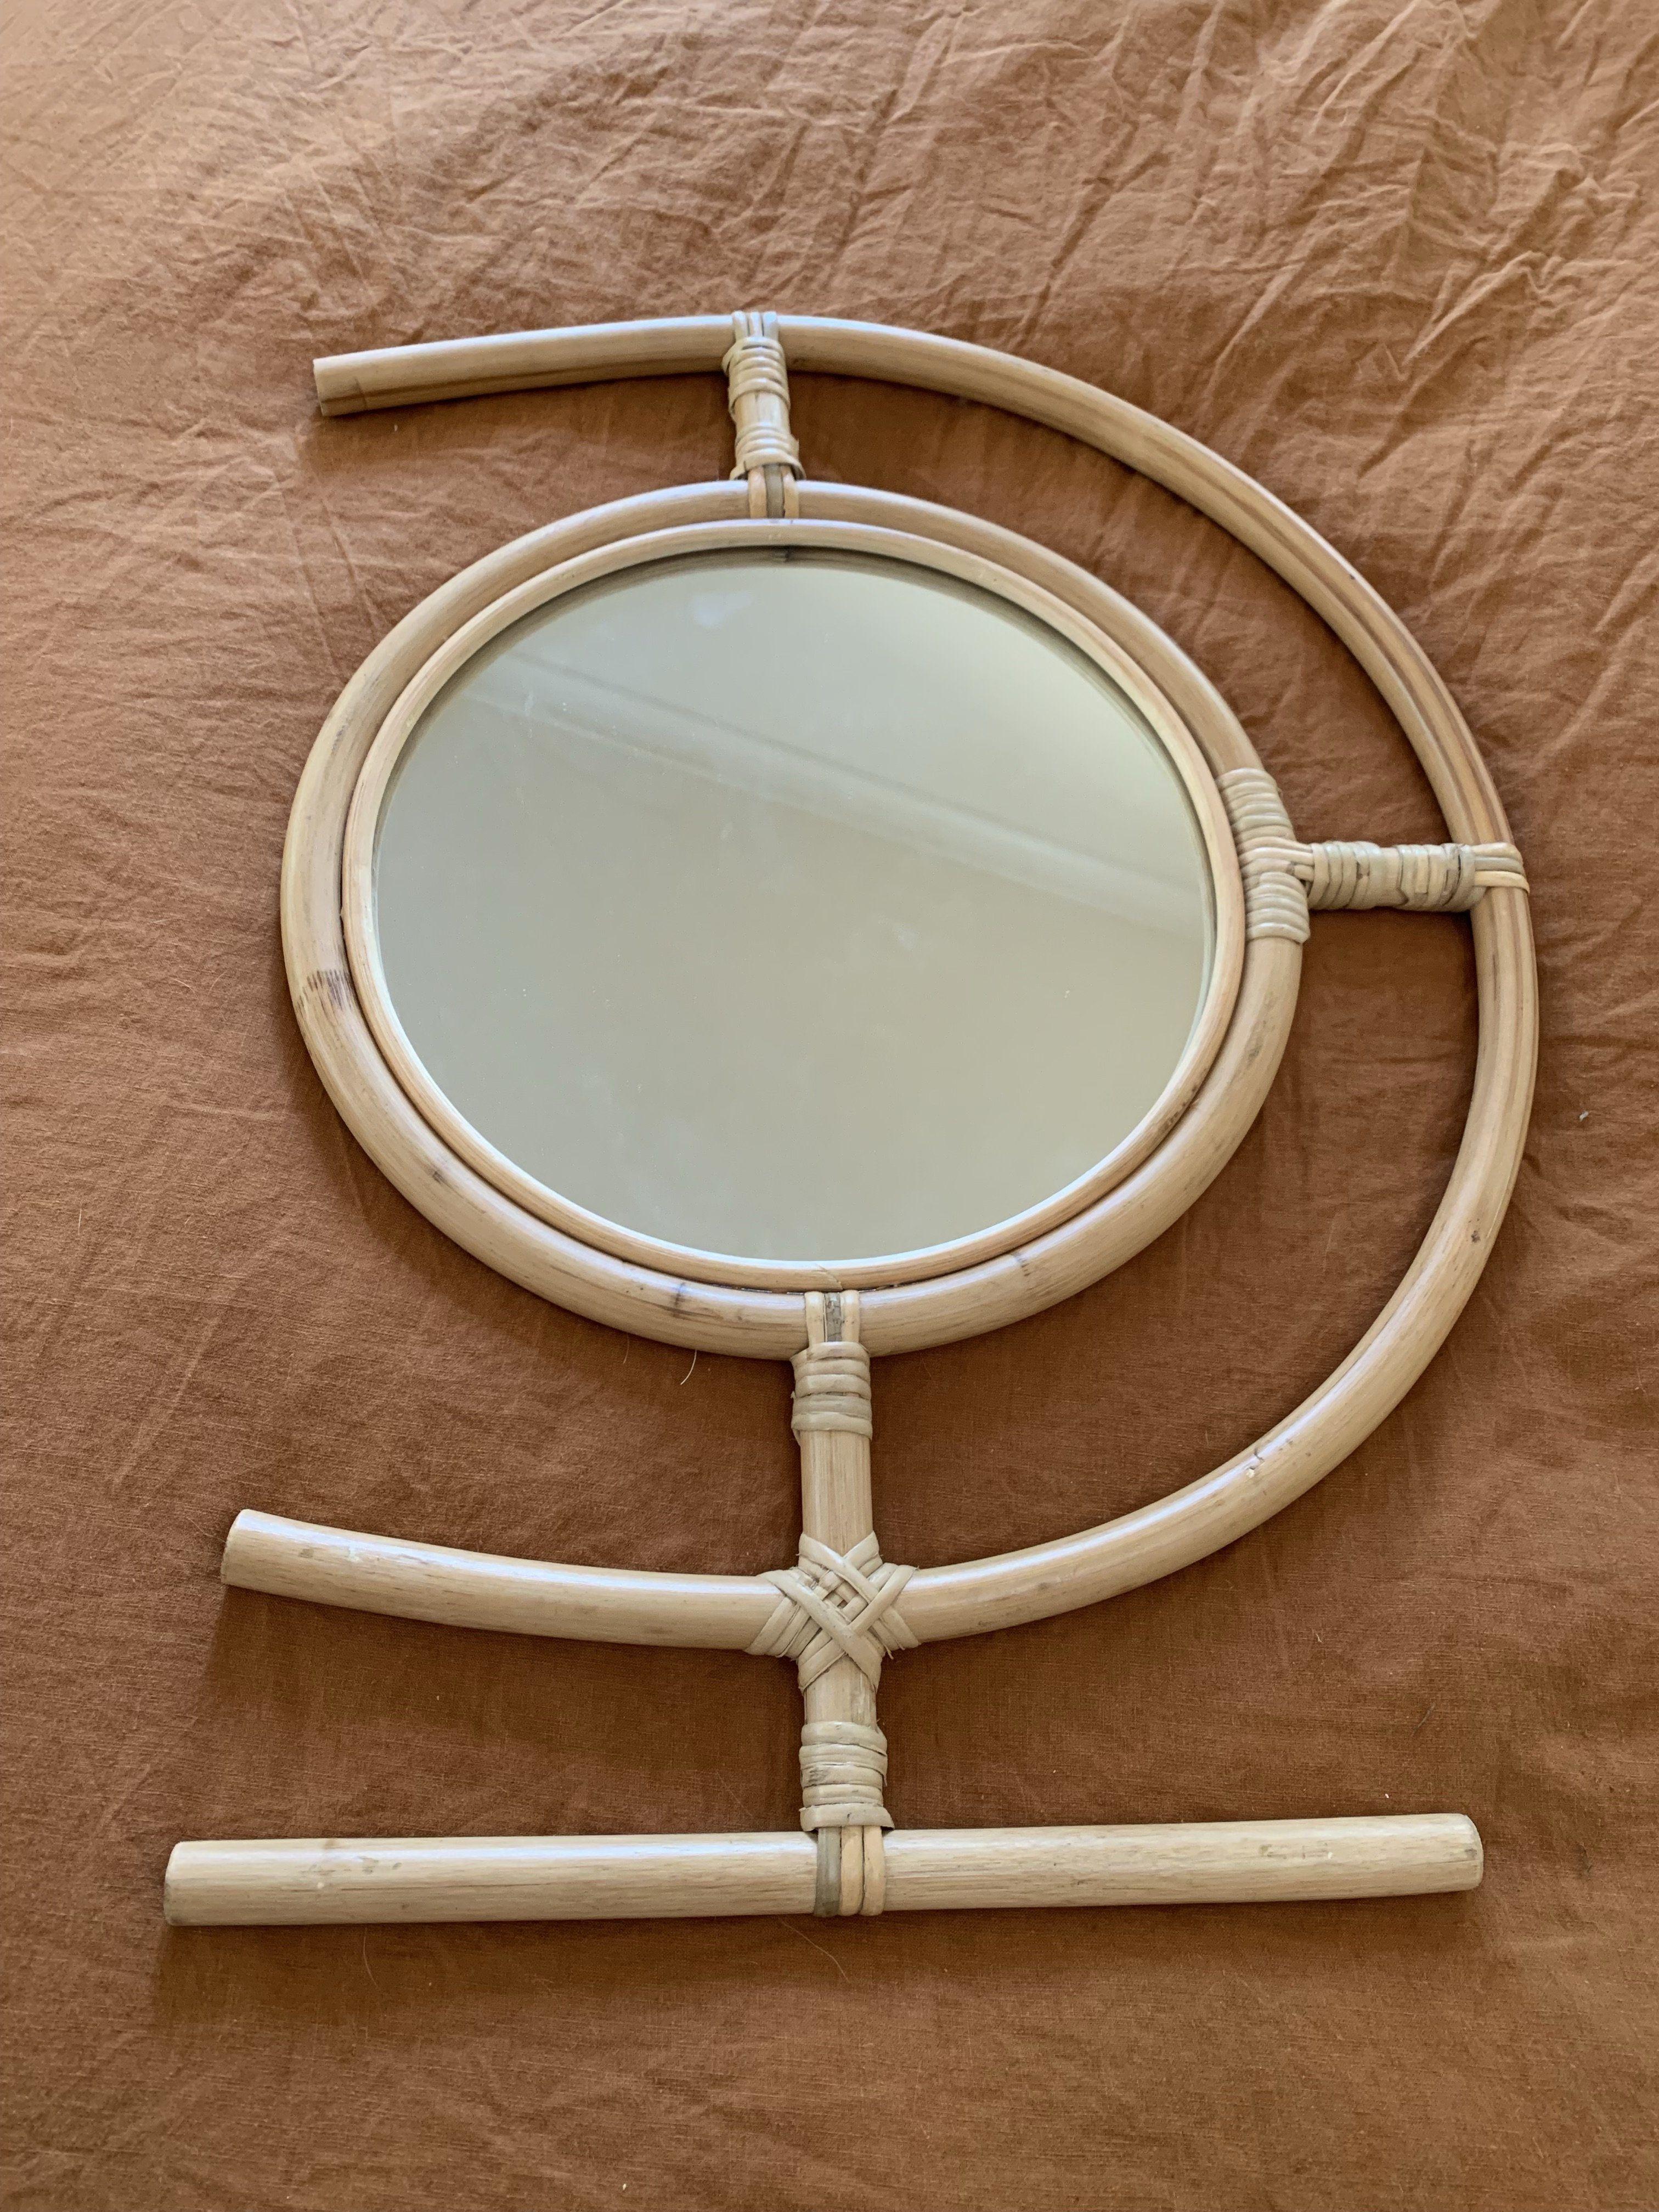 Egypt Mirror in 2020 Mirror, Rattan mirror, Hanging mirror